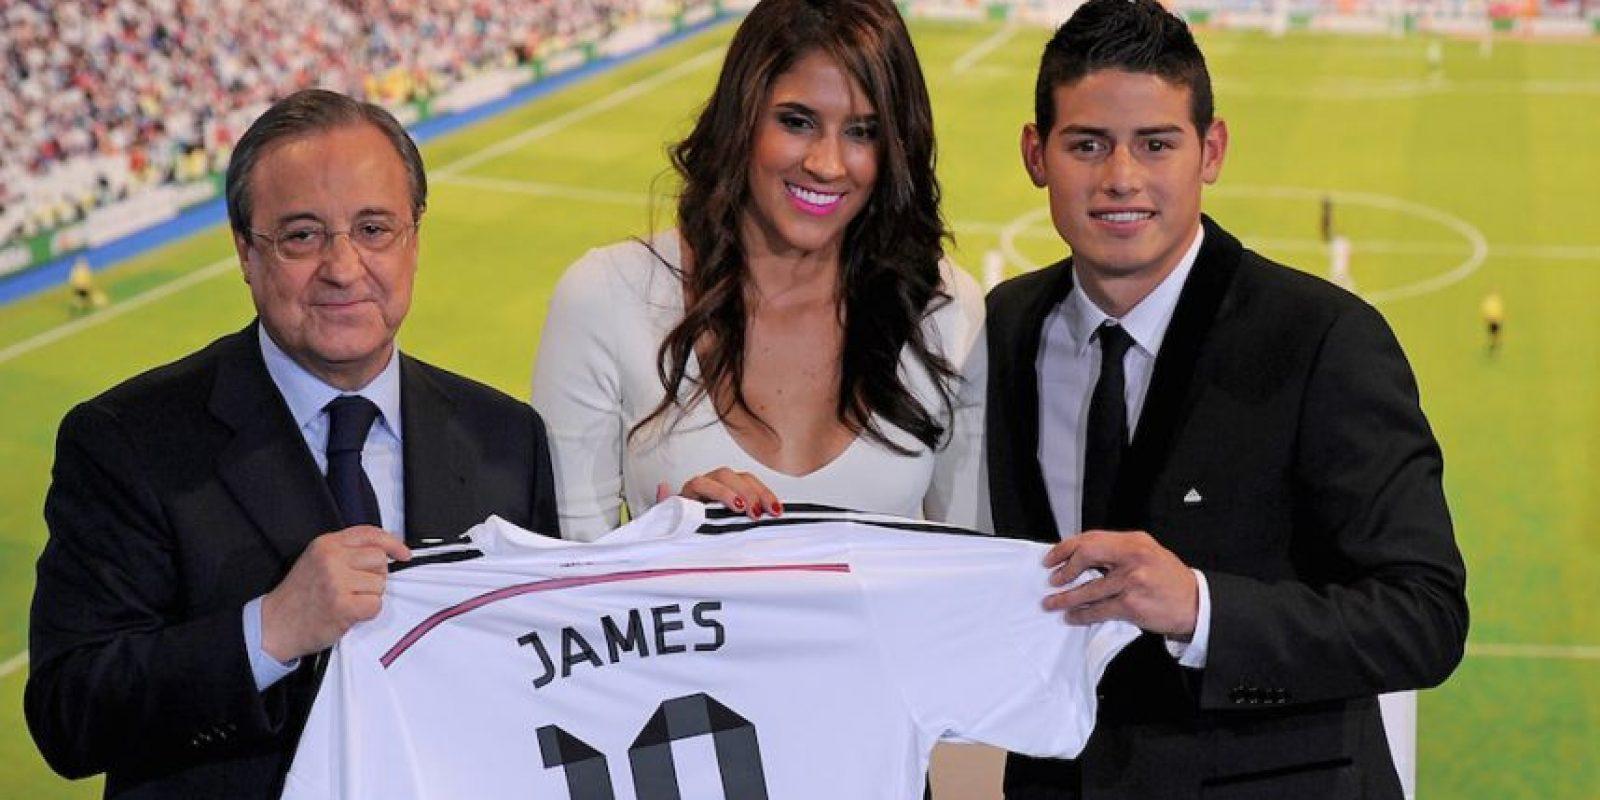 James en la presentación con el Real Madrid junto a su esposa Daniela Ospina y el presidente del club Florentino Pérez. Foto:Getty Images